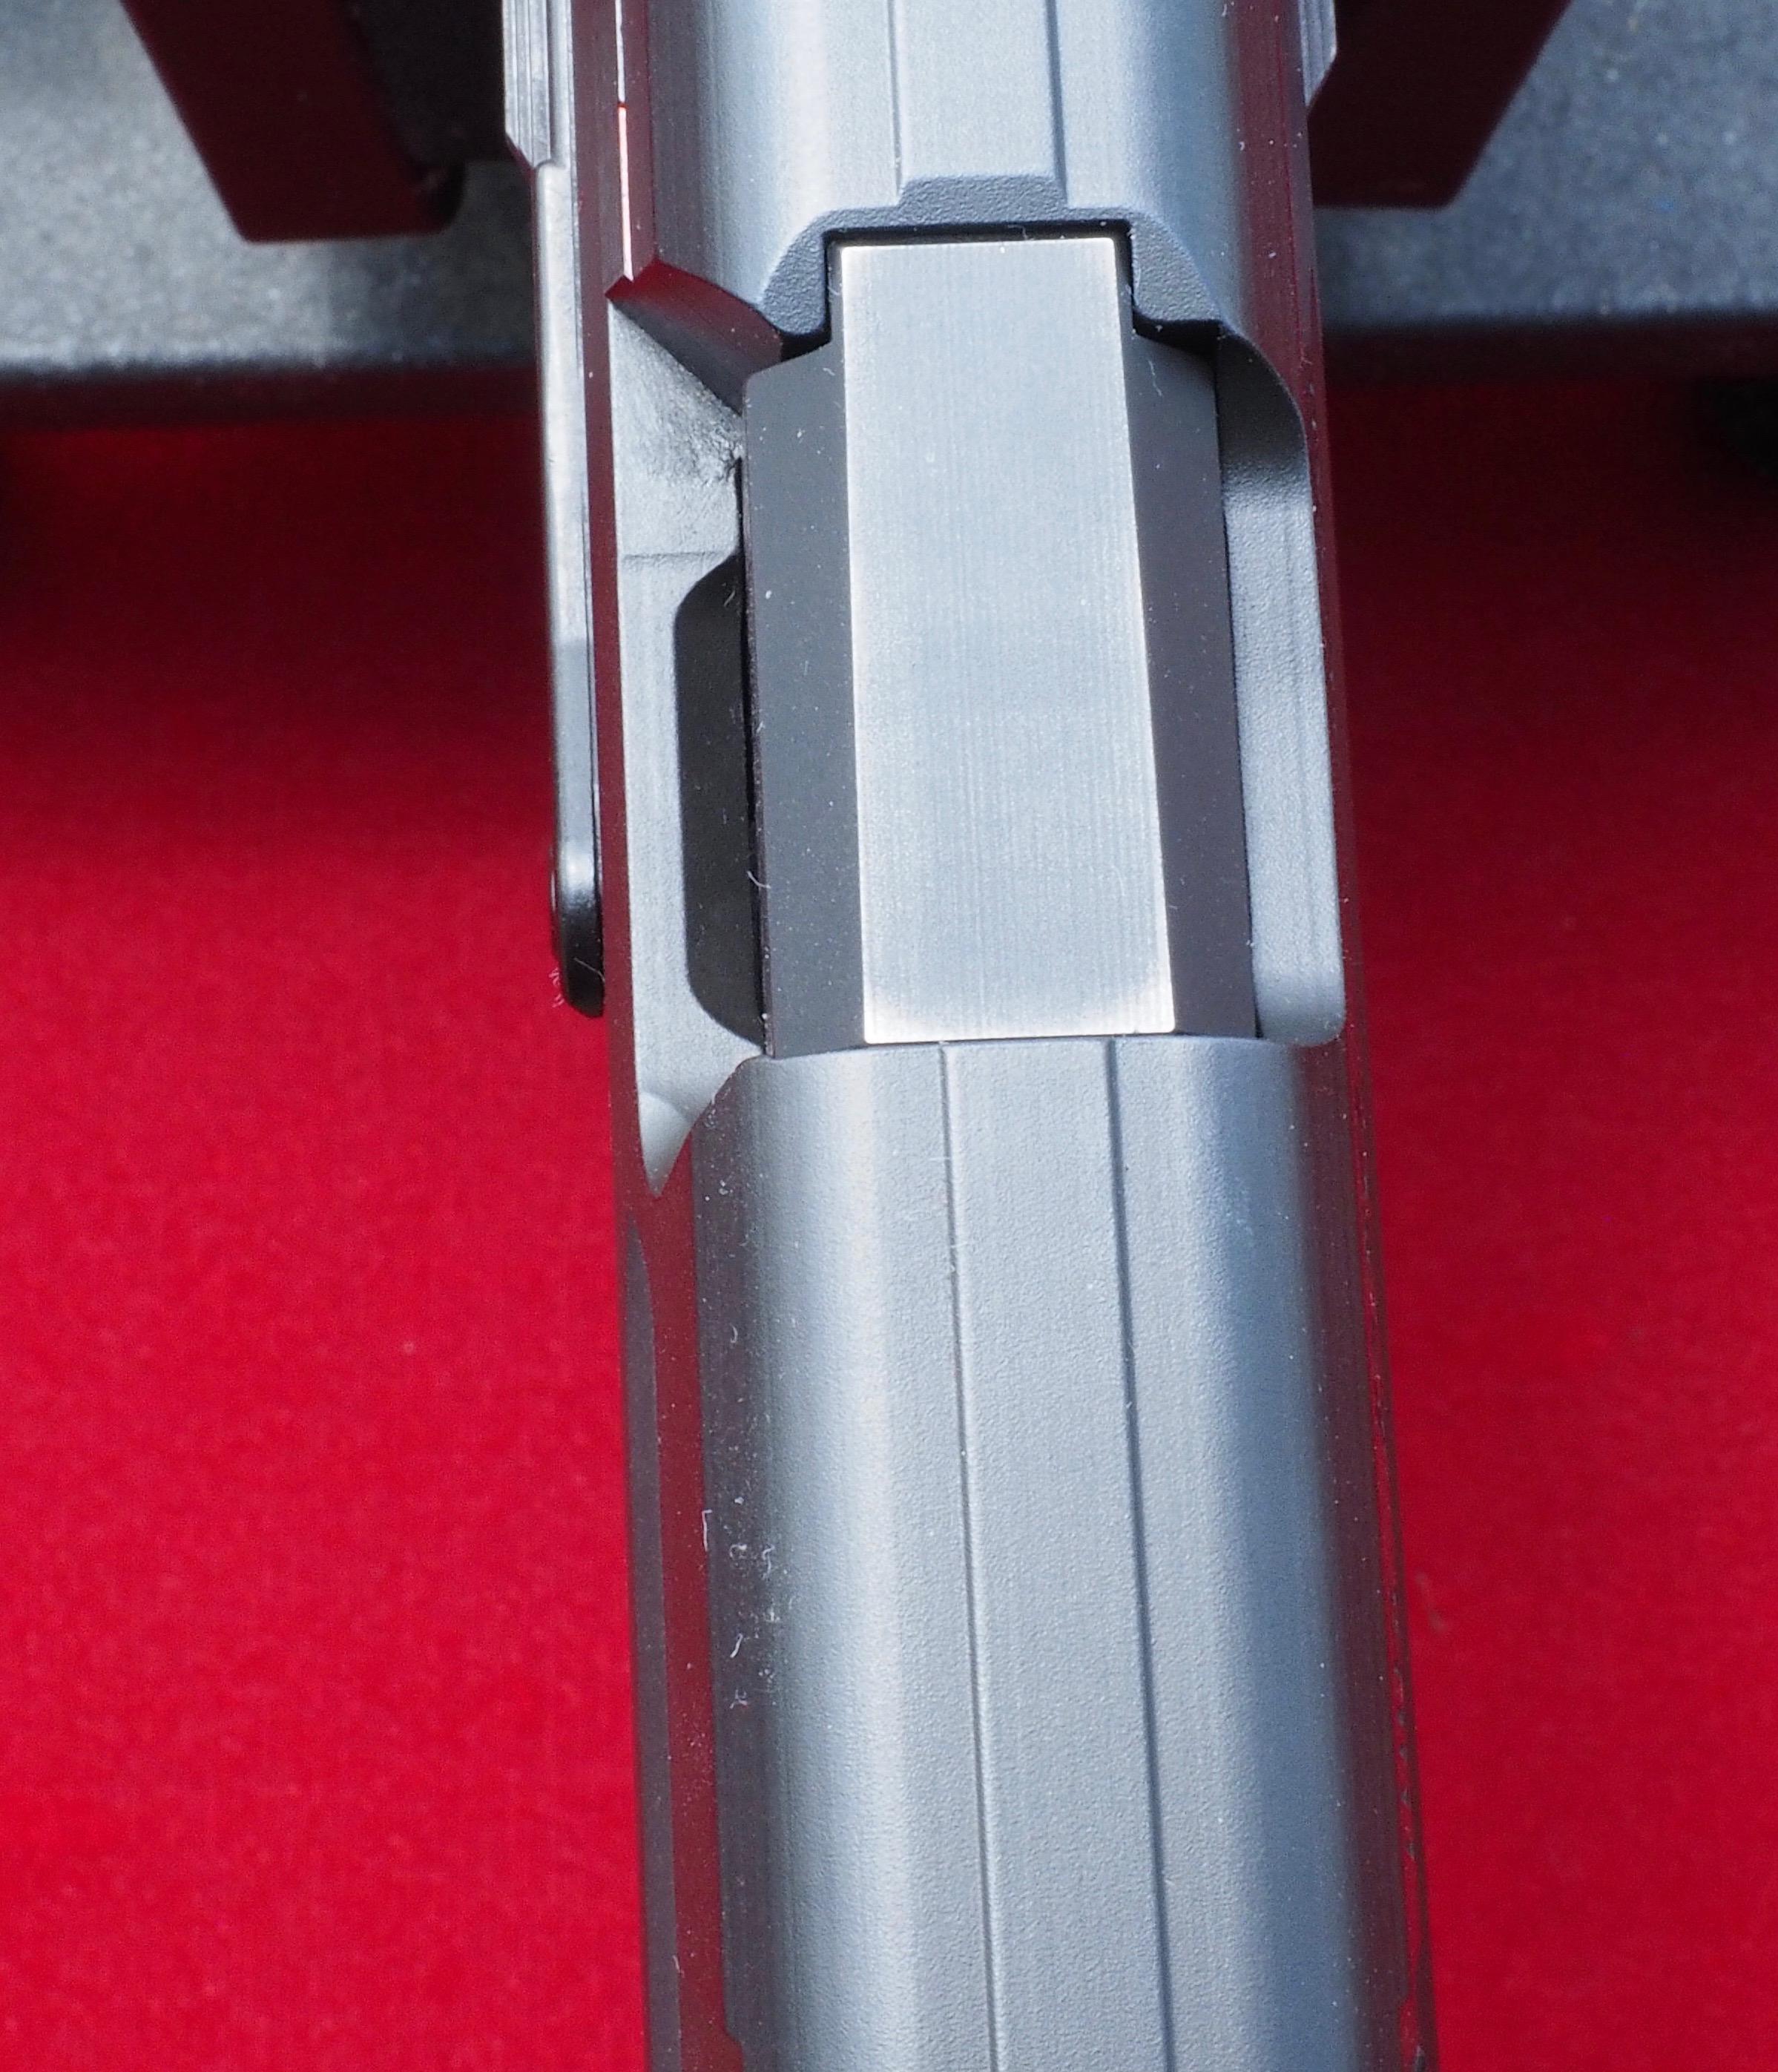 WTS:  HK P30 in 40S&W; Factory Lite LEM-p1011106.jpg